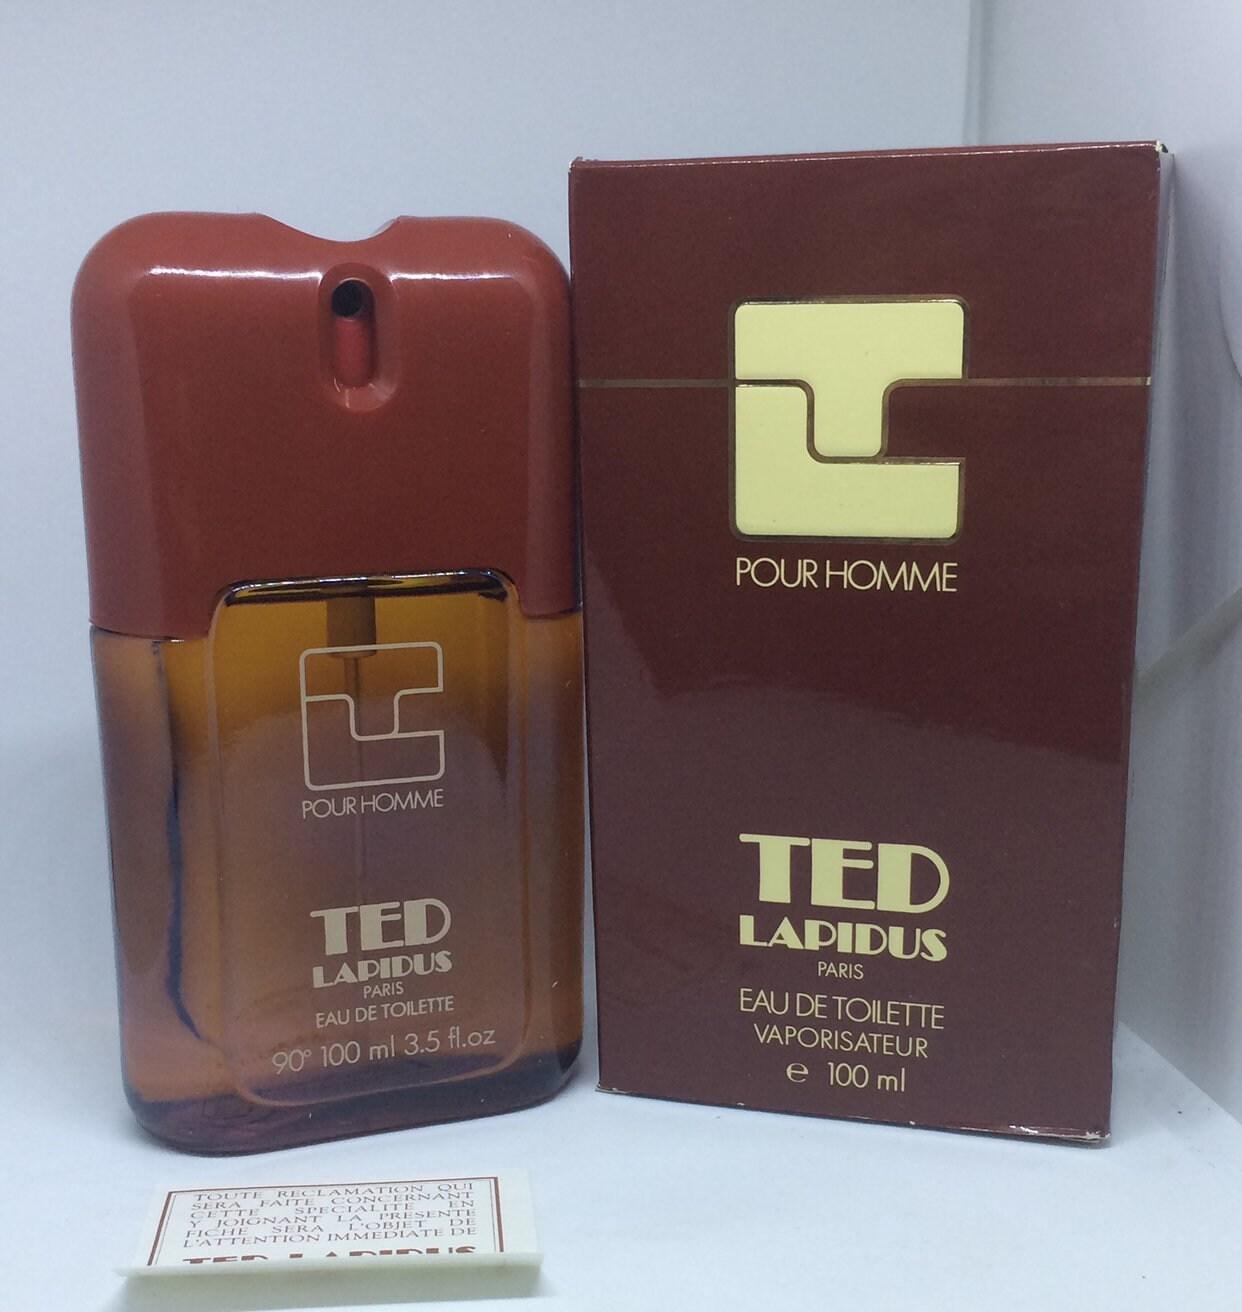 Toilette Homme Vaporisateuretsy Eau Ted Iyewedh92 Pour 100 De Lapidus Ml L5R4Aj